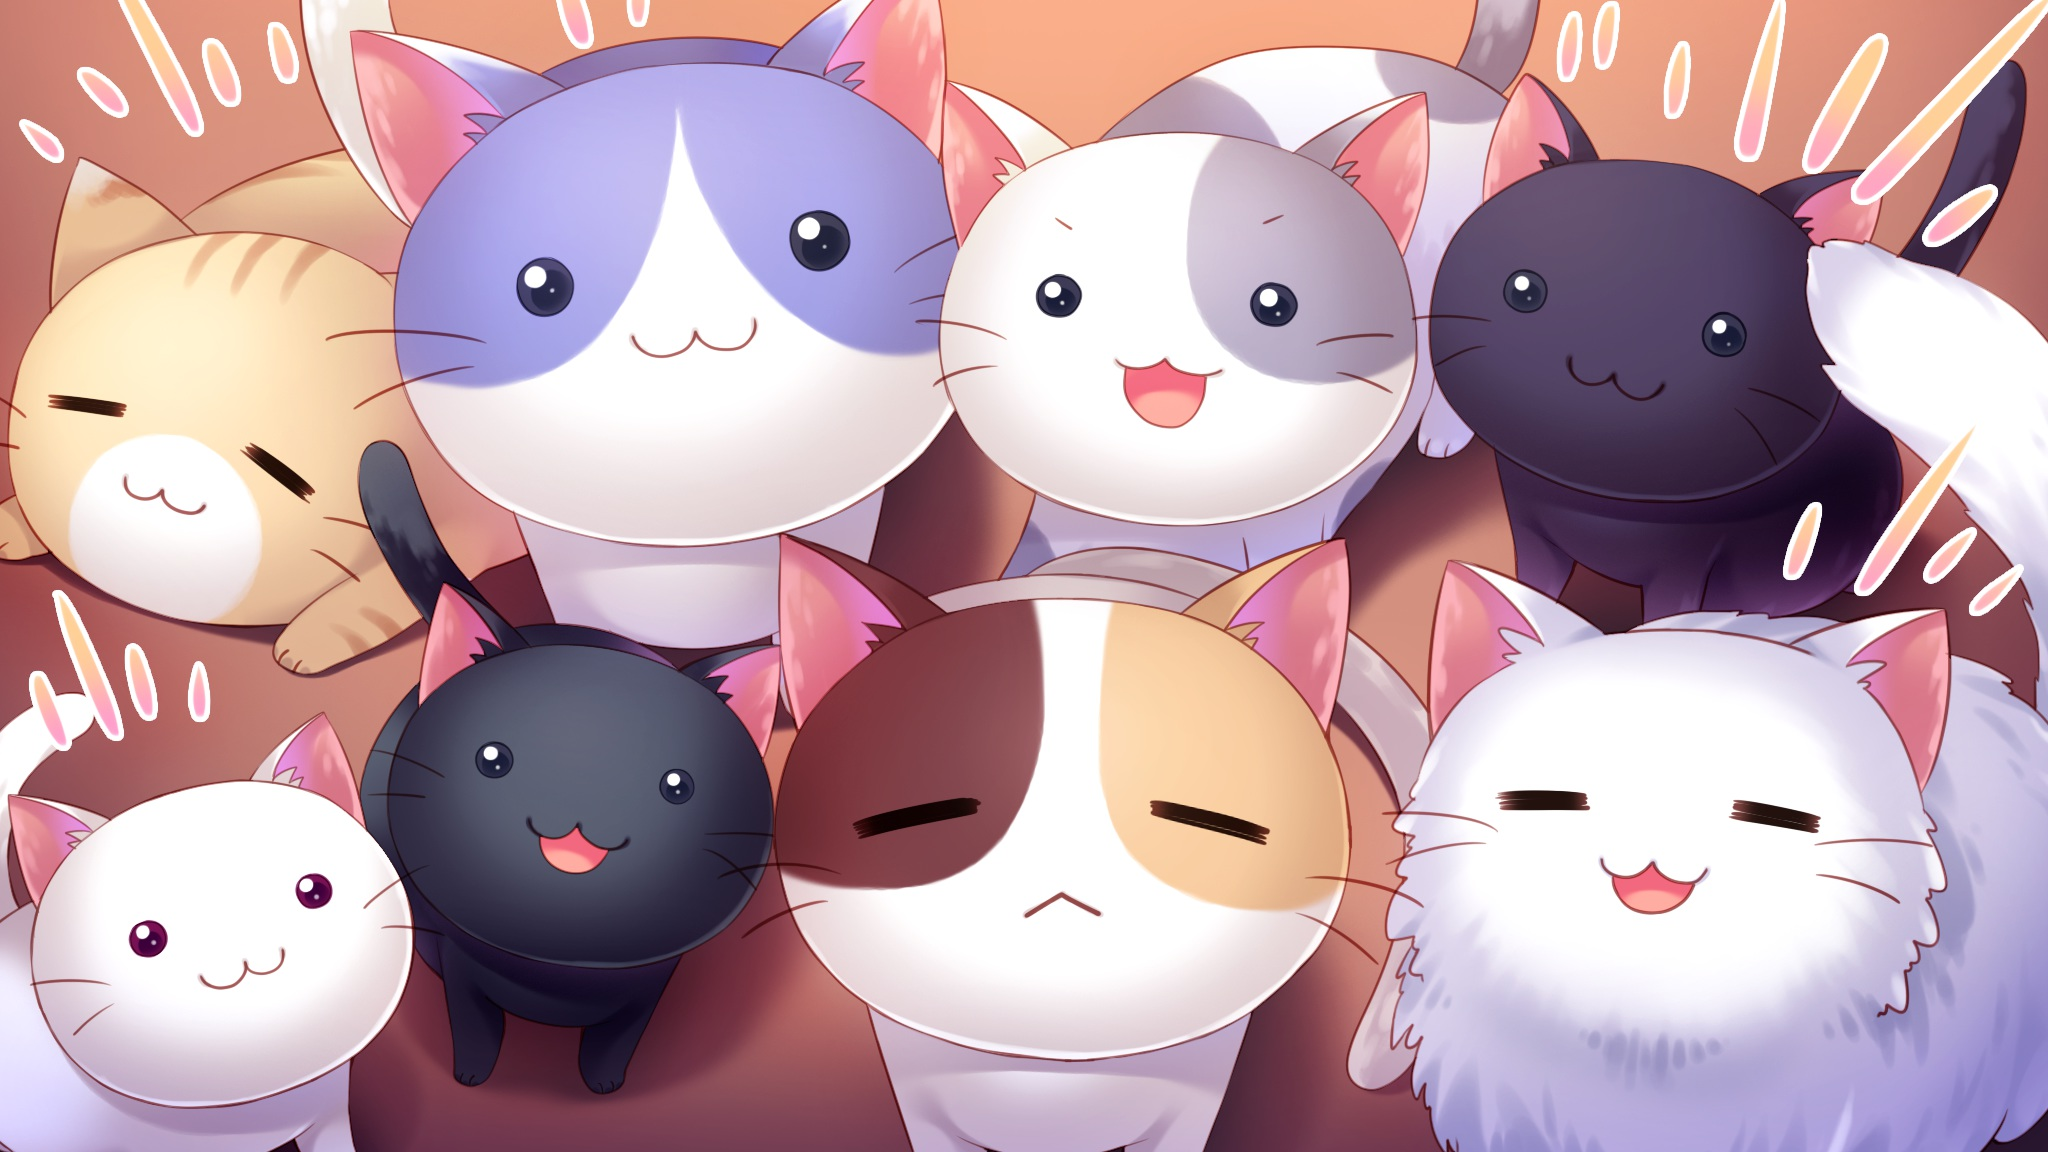 Hình nền những chú mèo anime đẹp